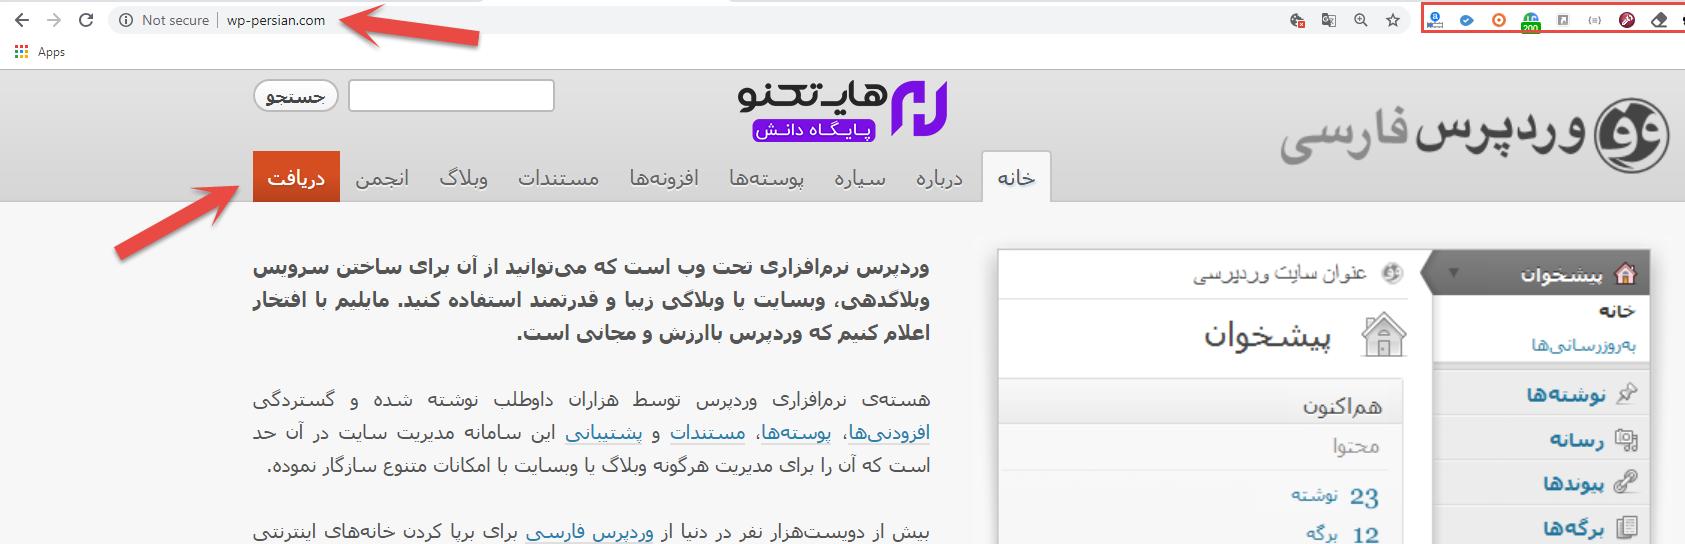 دریافت فایل وردپرس از وب سایت wp-persian.com